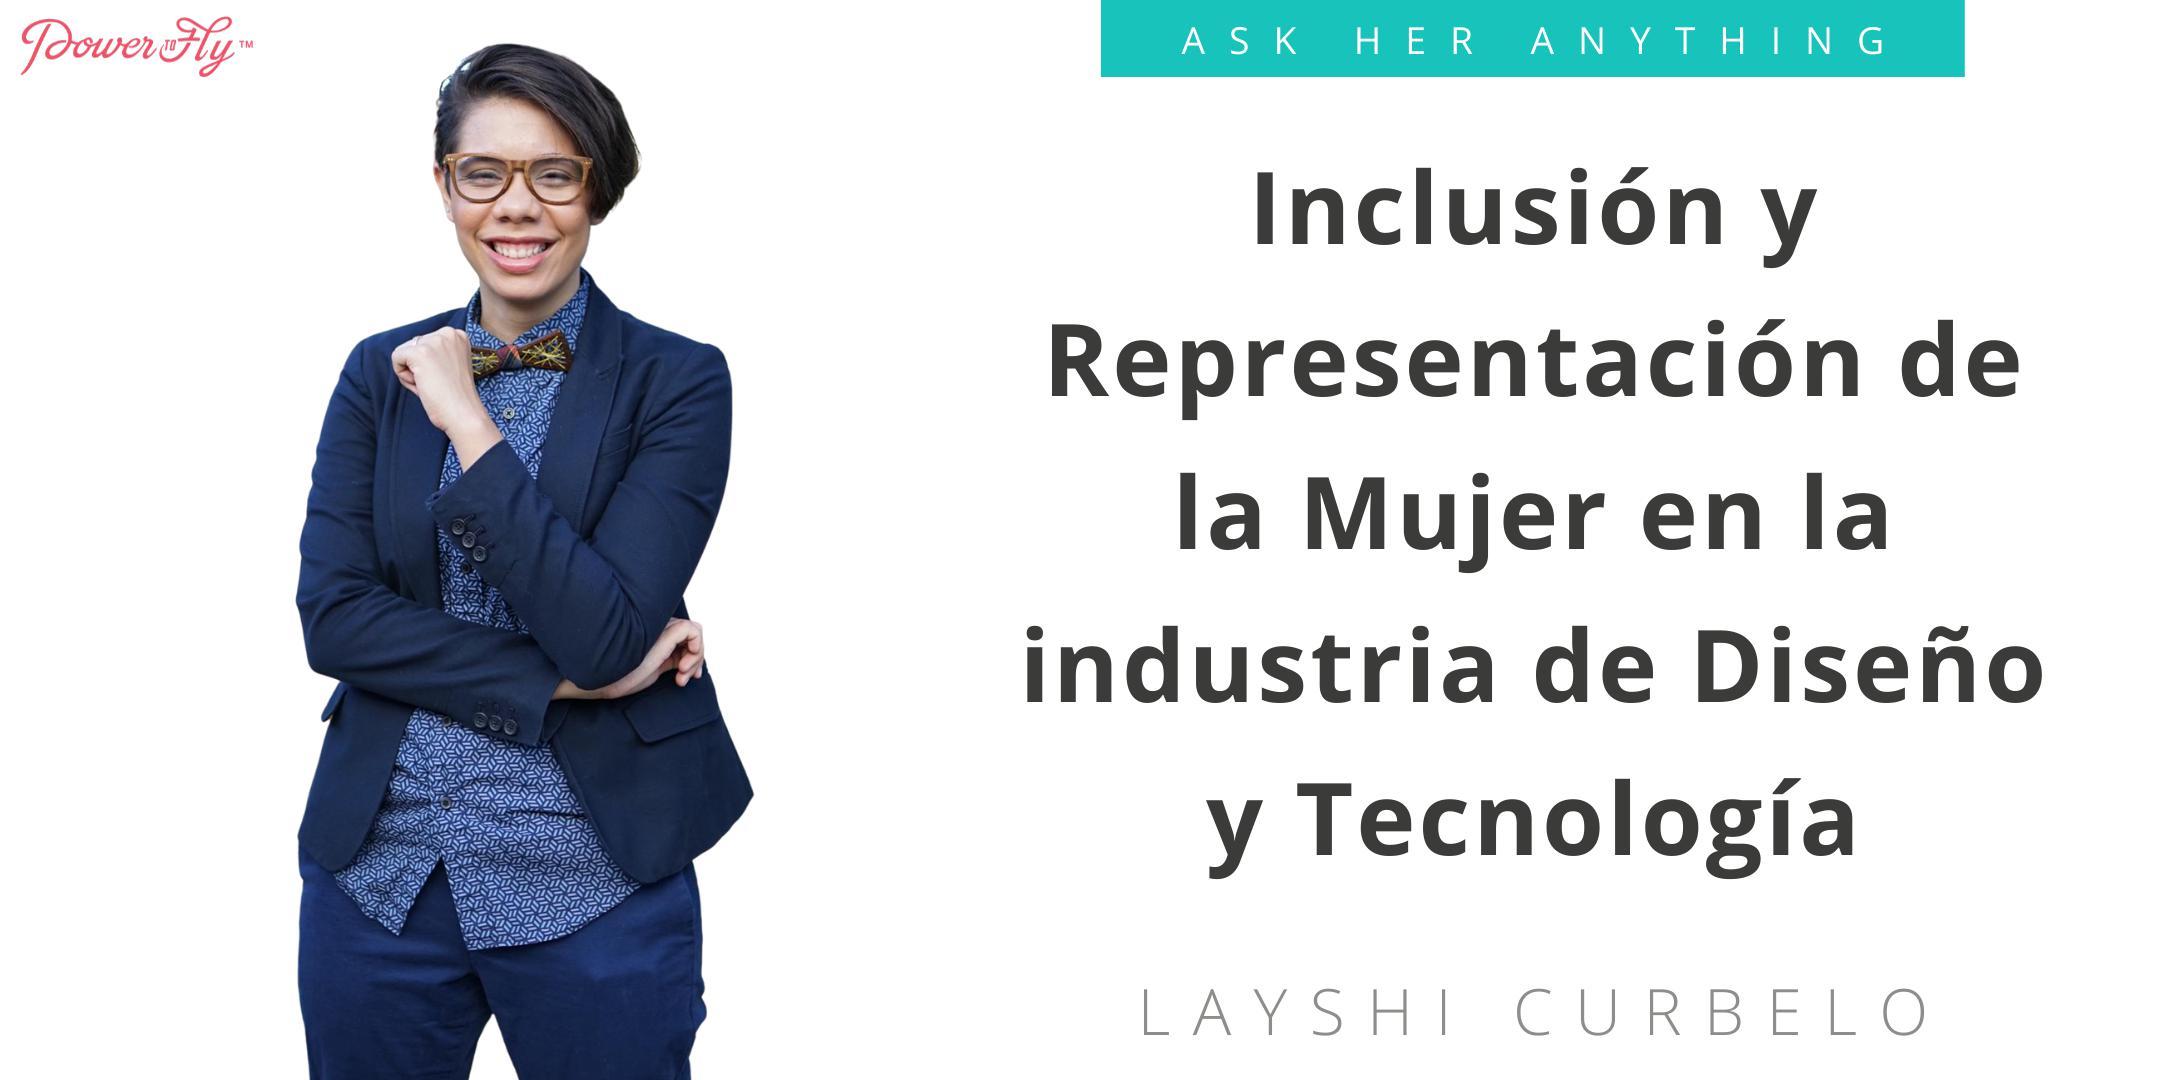 Inclusión y Representación de la Mujer en la industria de Diseño y Tecnología